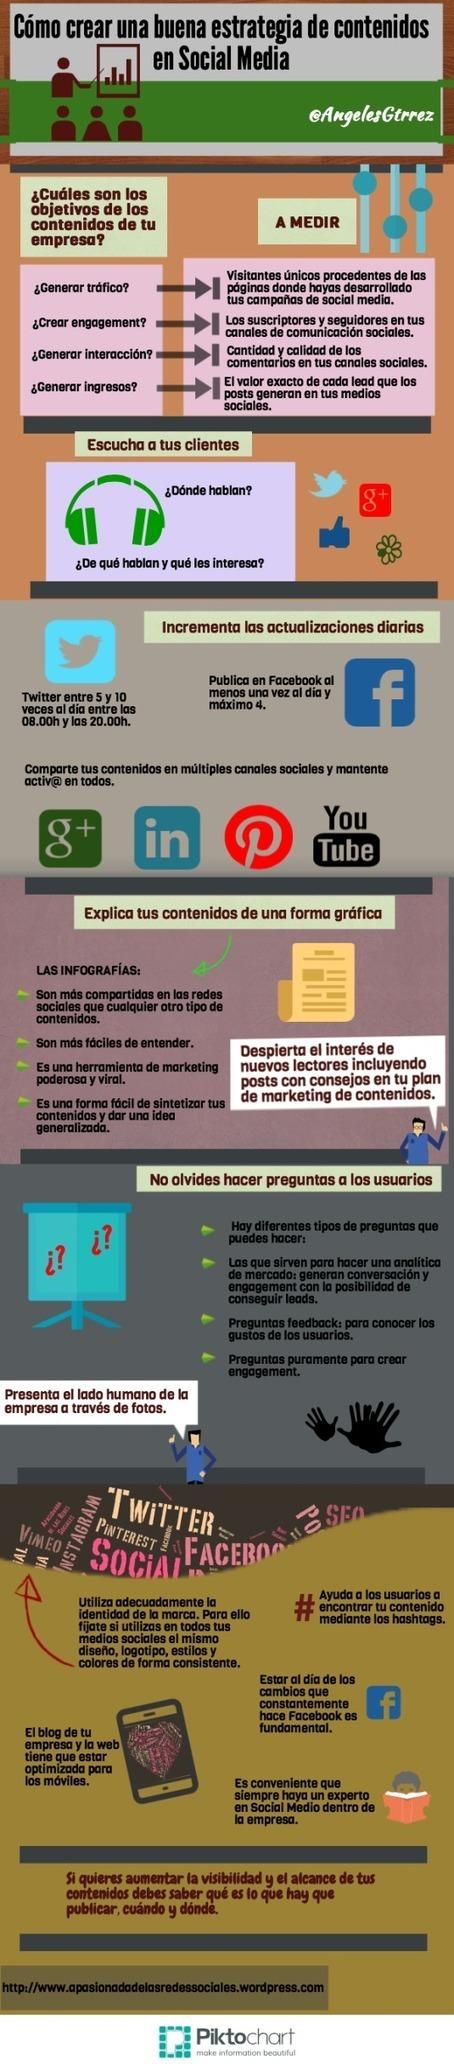 Cómo crear una buena estrategia de contenidos en Redes Sociales #infografia | Redes sociales para la educación | Scoop.it